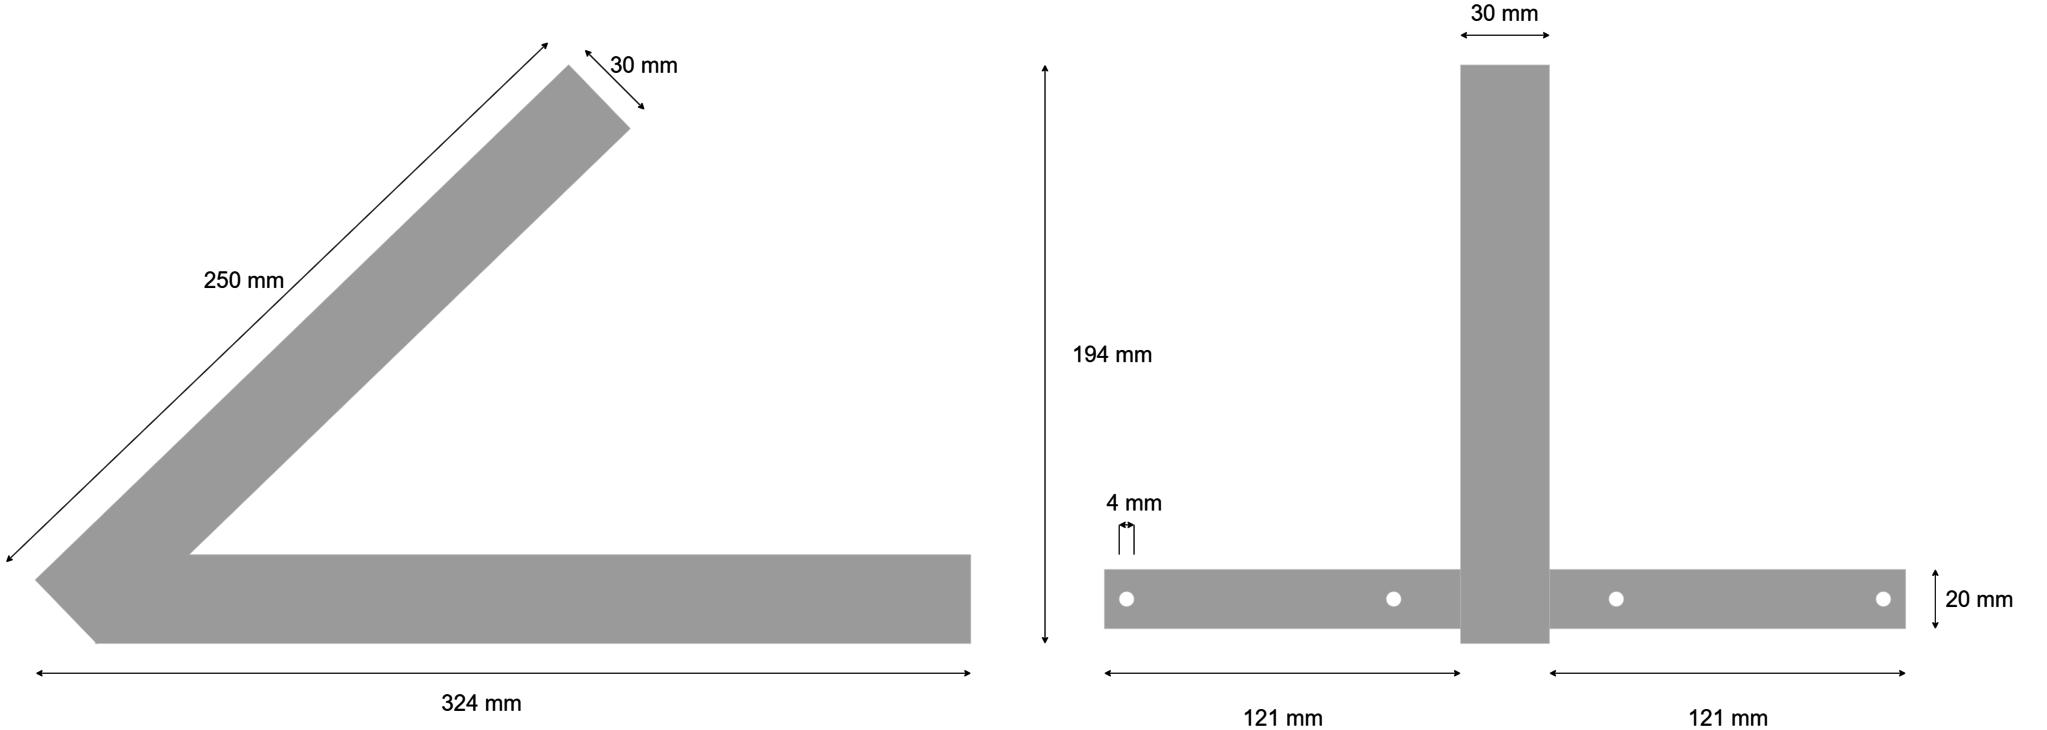 Centreerset inclusief stroppenplaten - 4.00-4 & 3.00-8